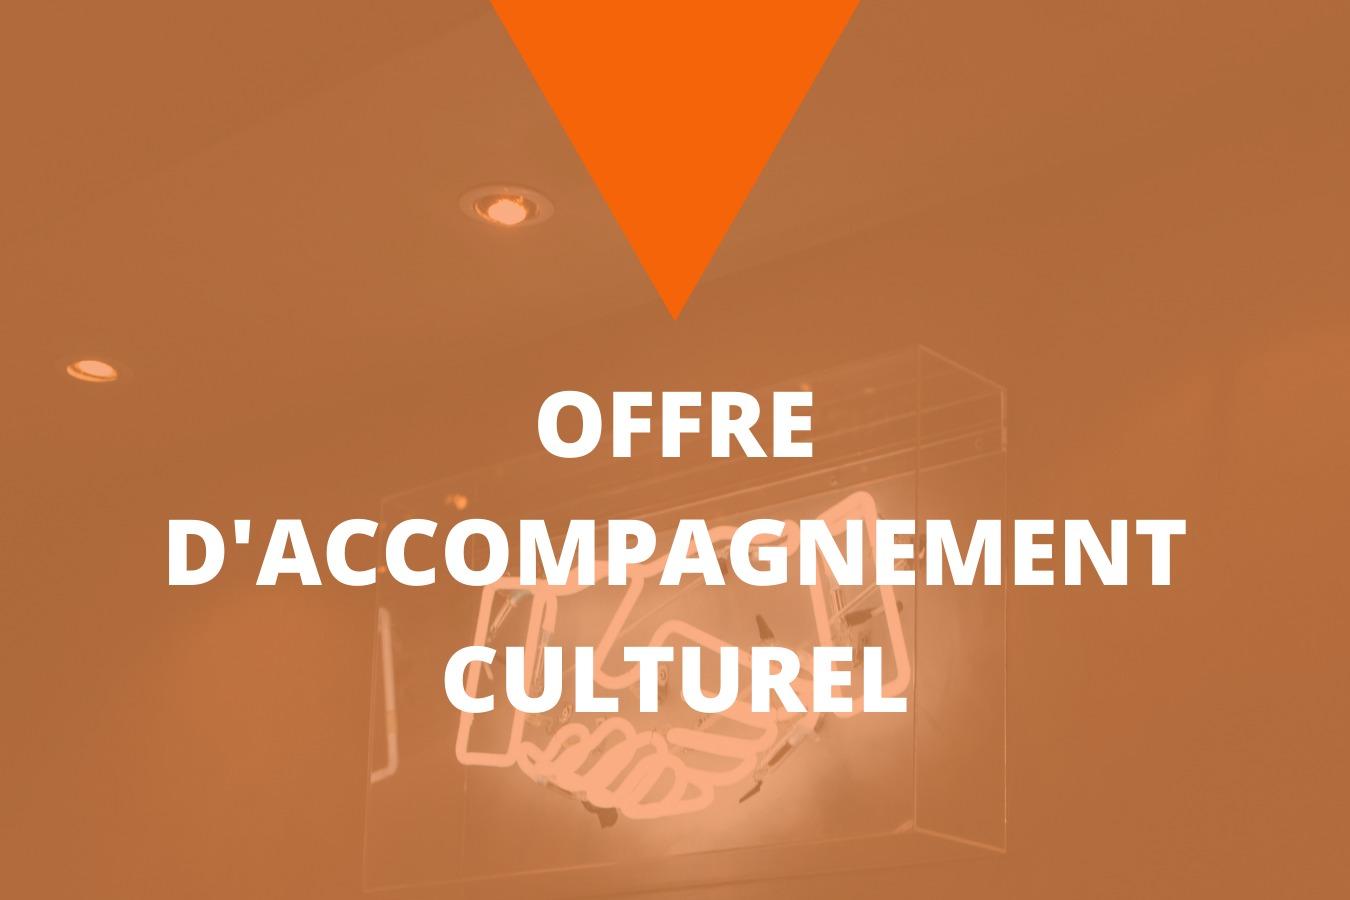 (Français) Offre d'accompagnement culturel